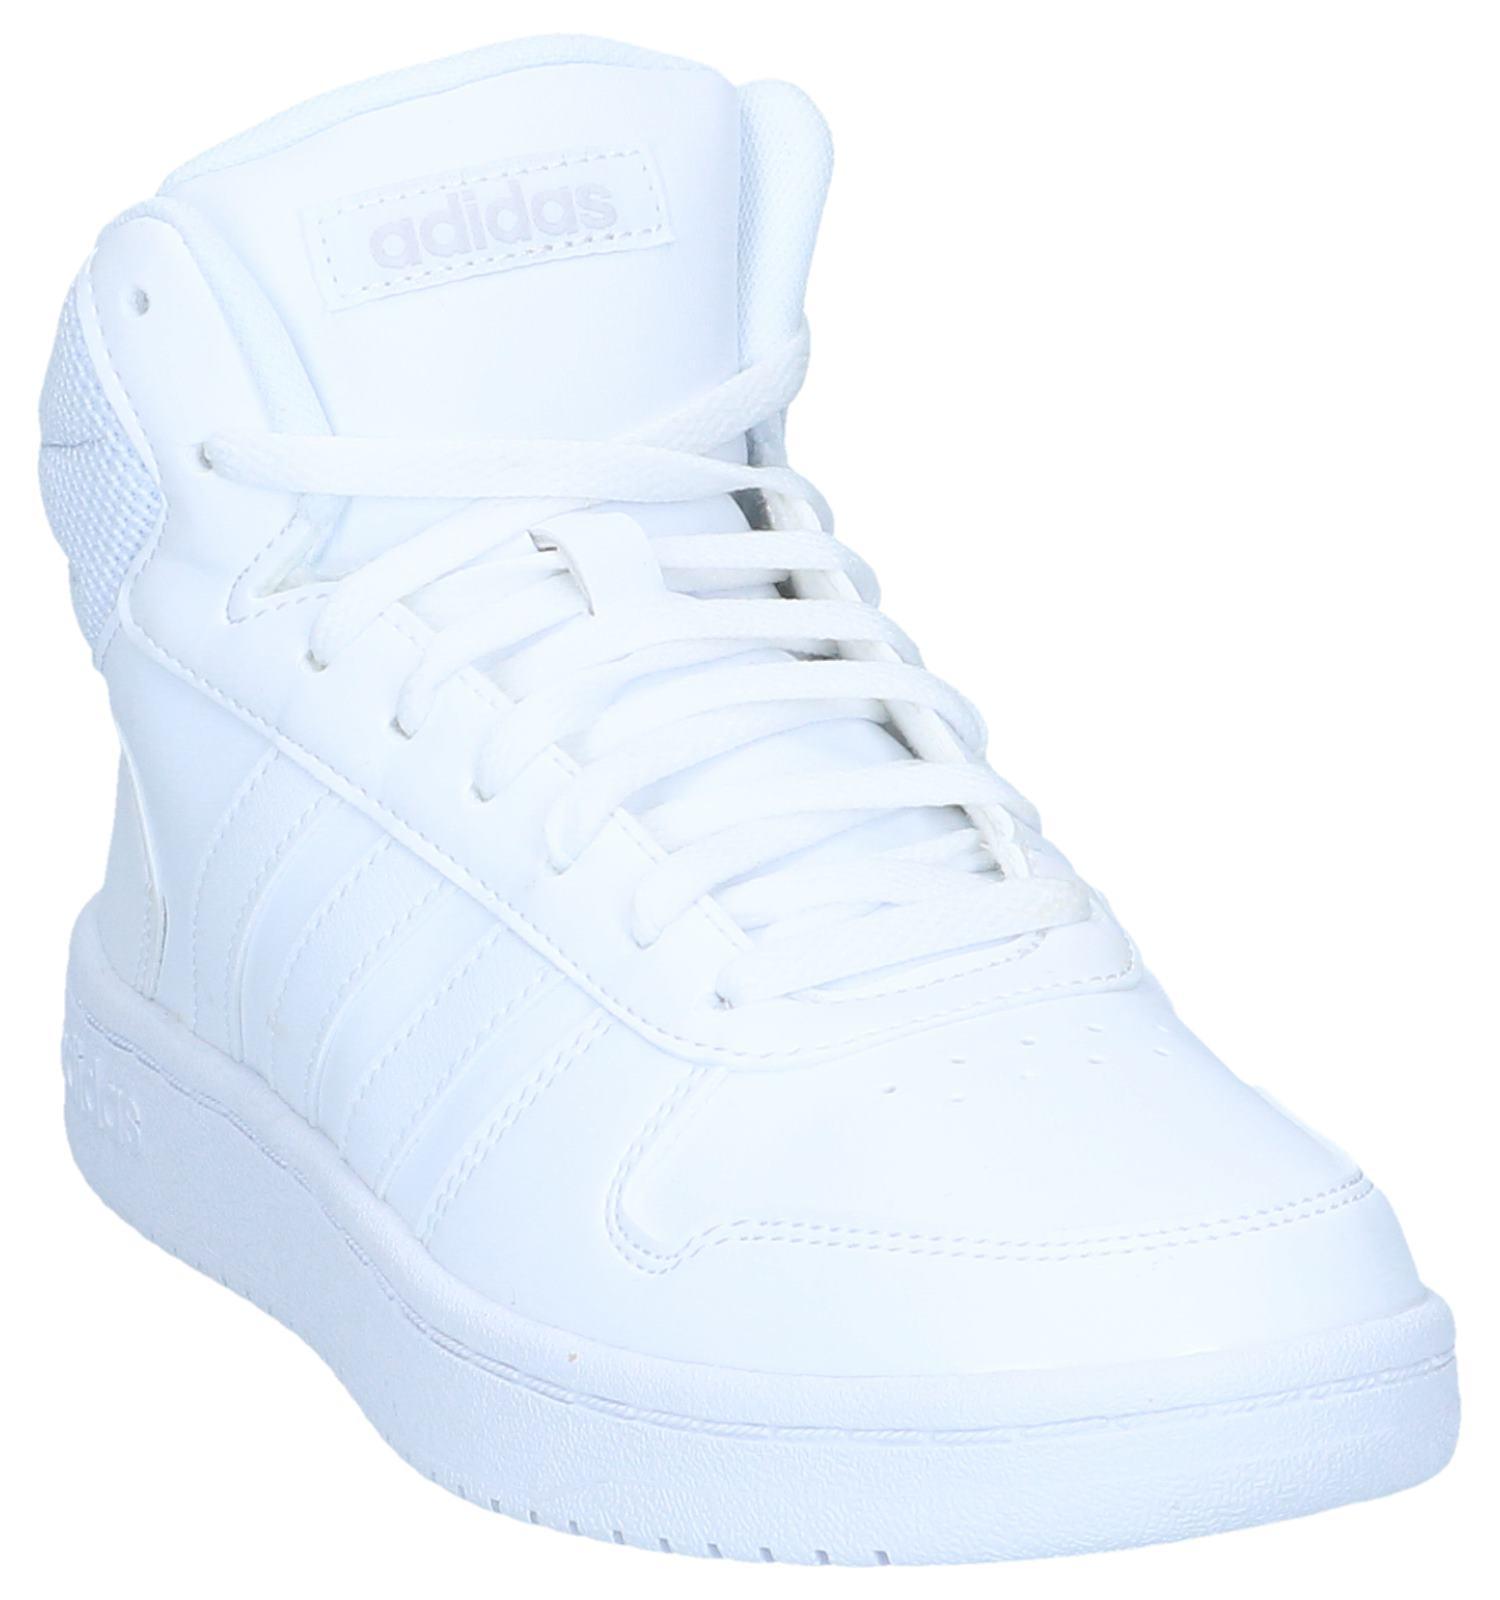 Adidas 2 0 Sneakers Witte Hoops Hoge nwP8Ok0